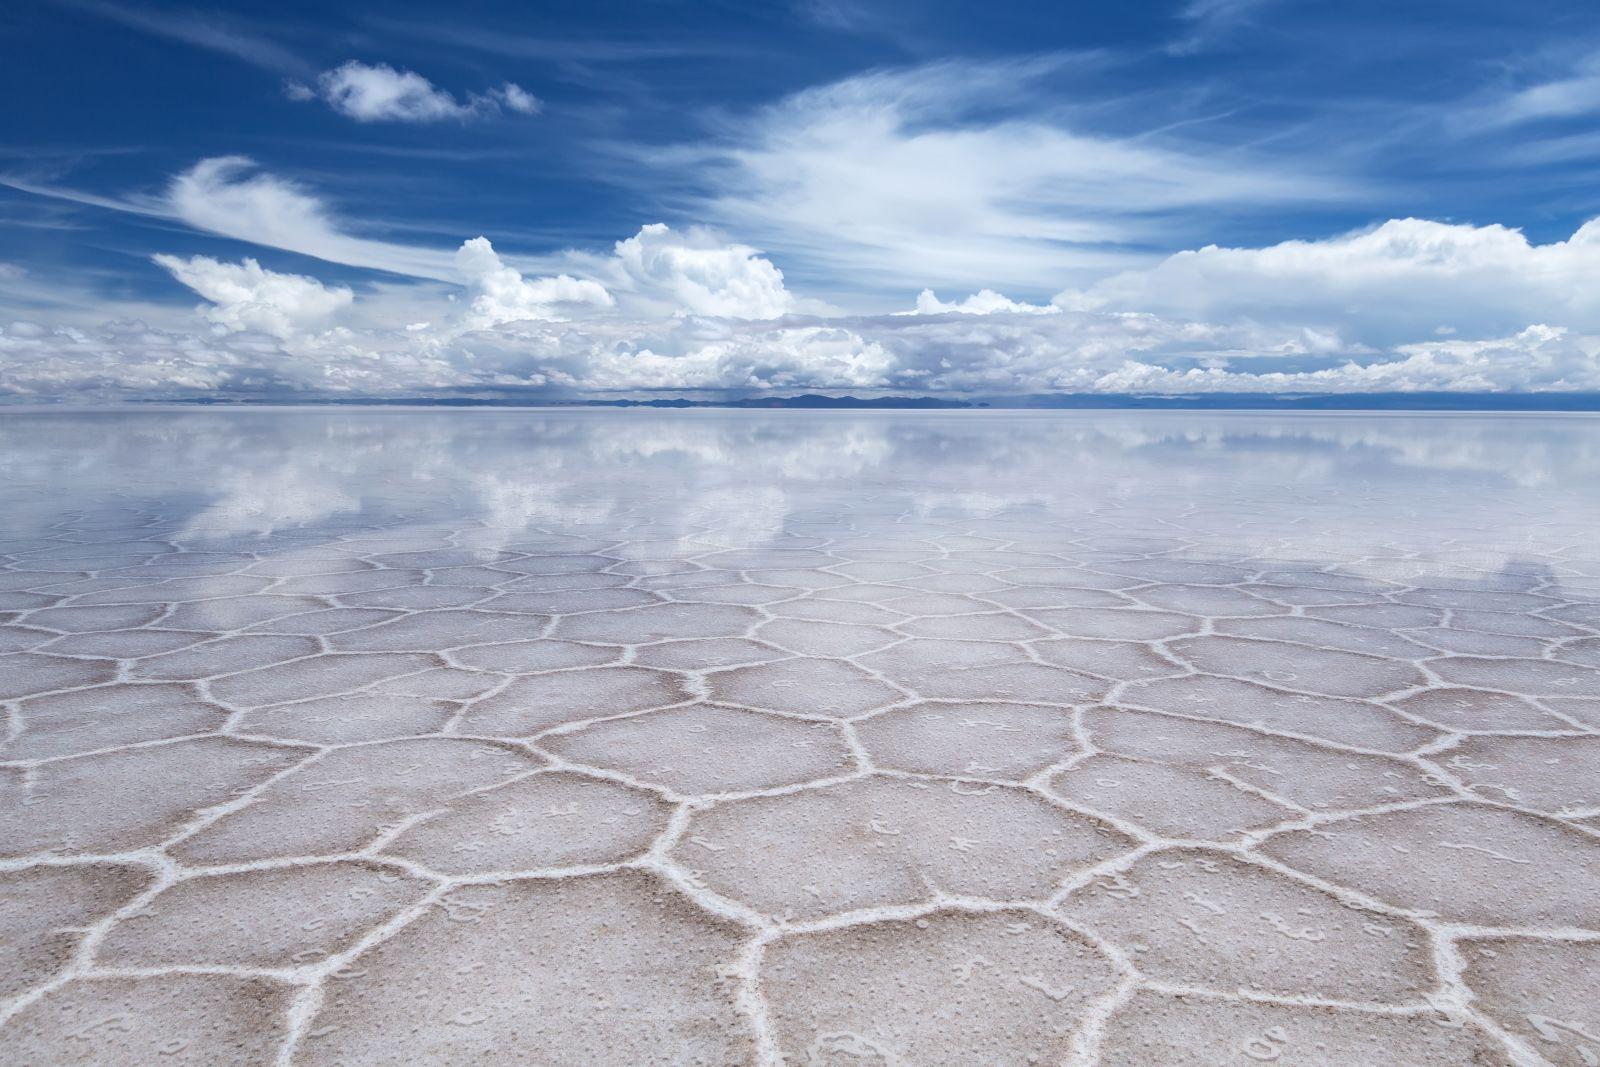 Azure Sky, Bolivia, Coast